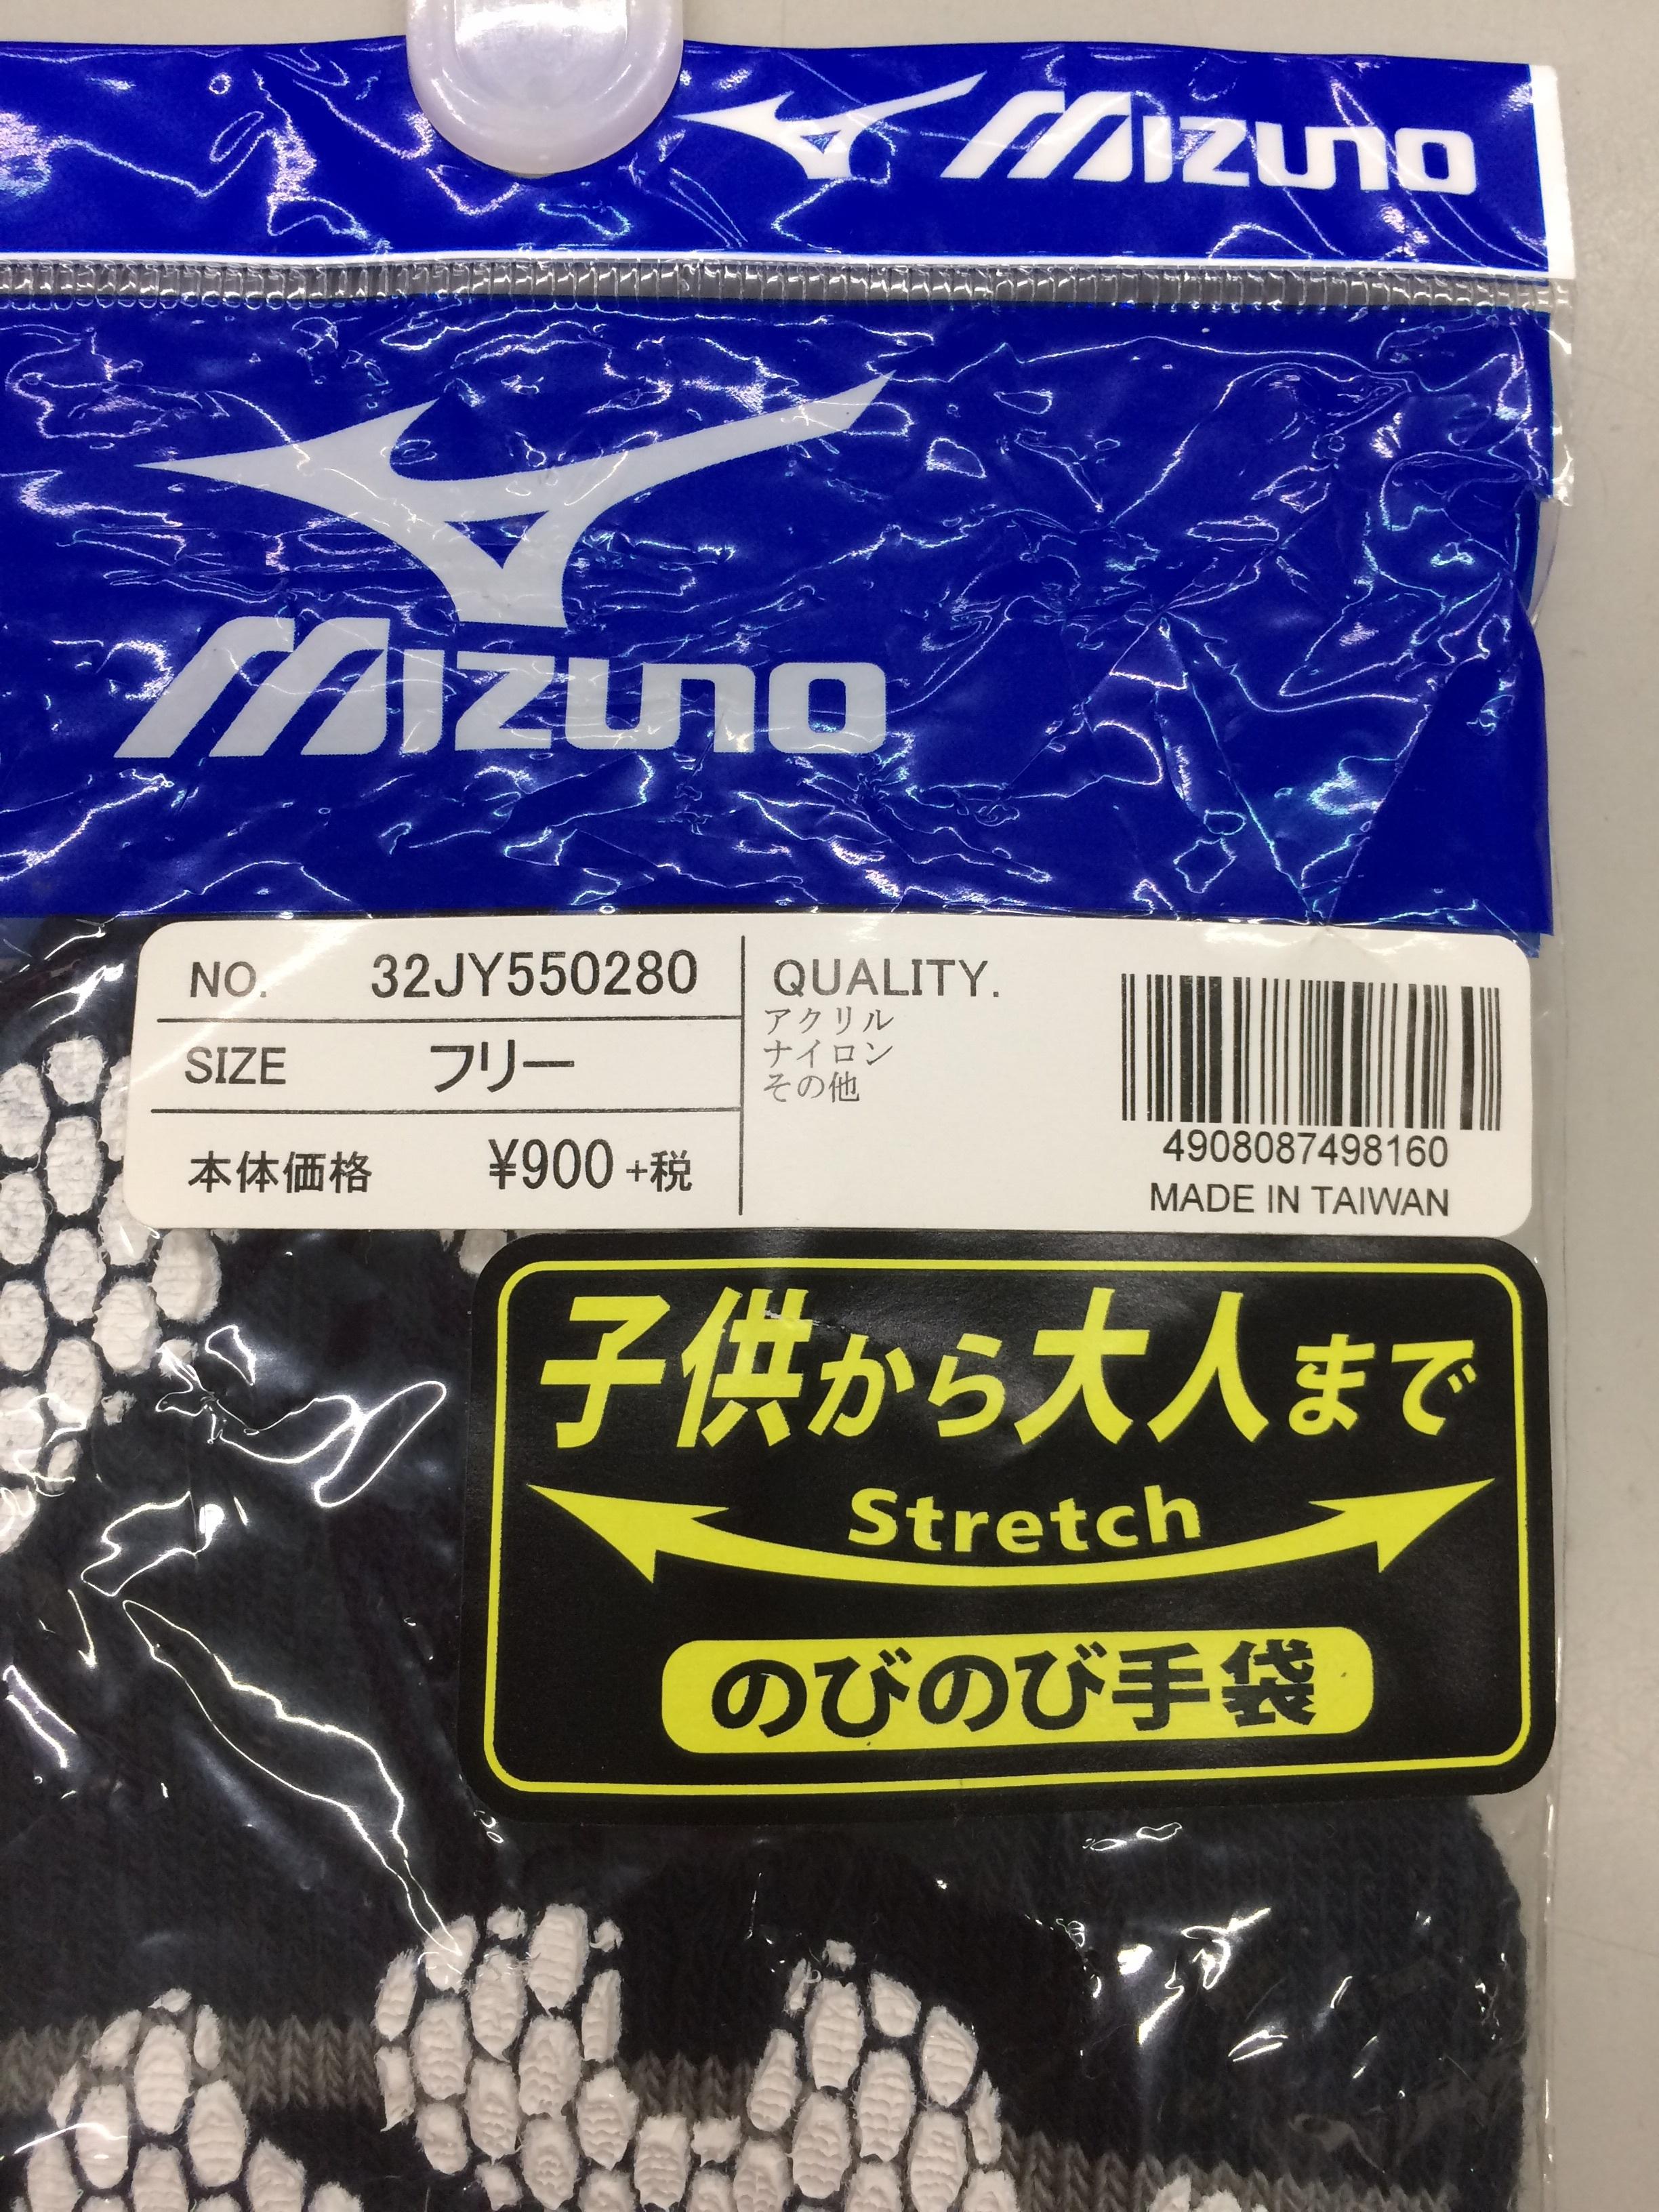 ミズノ 手袋 32JY550280 - 画像2